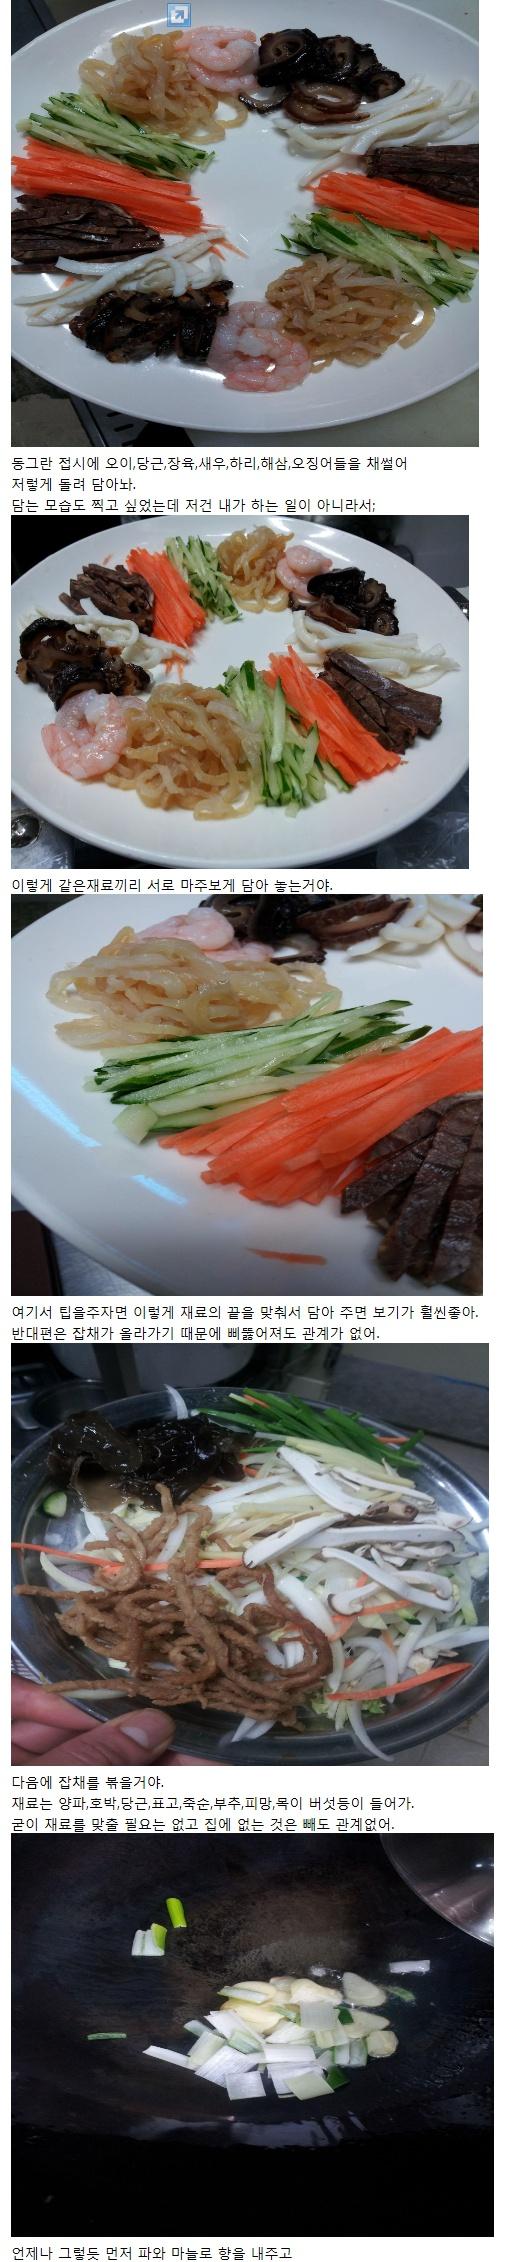 [레시피 공개] 중국집 양장피 만들기